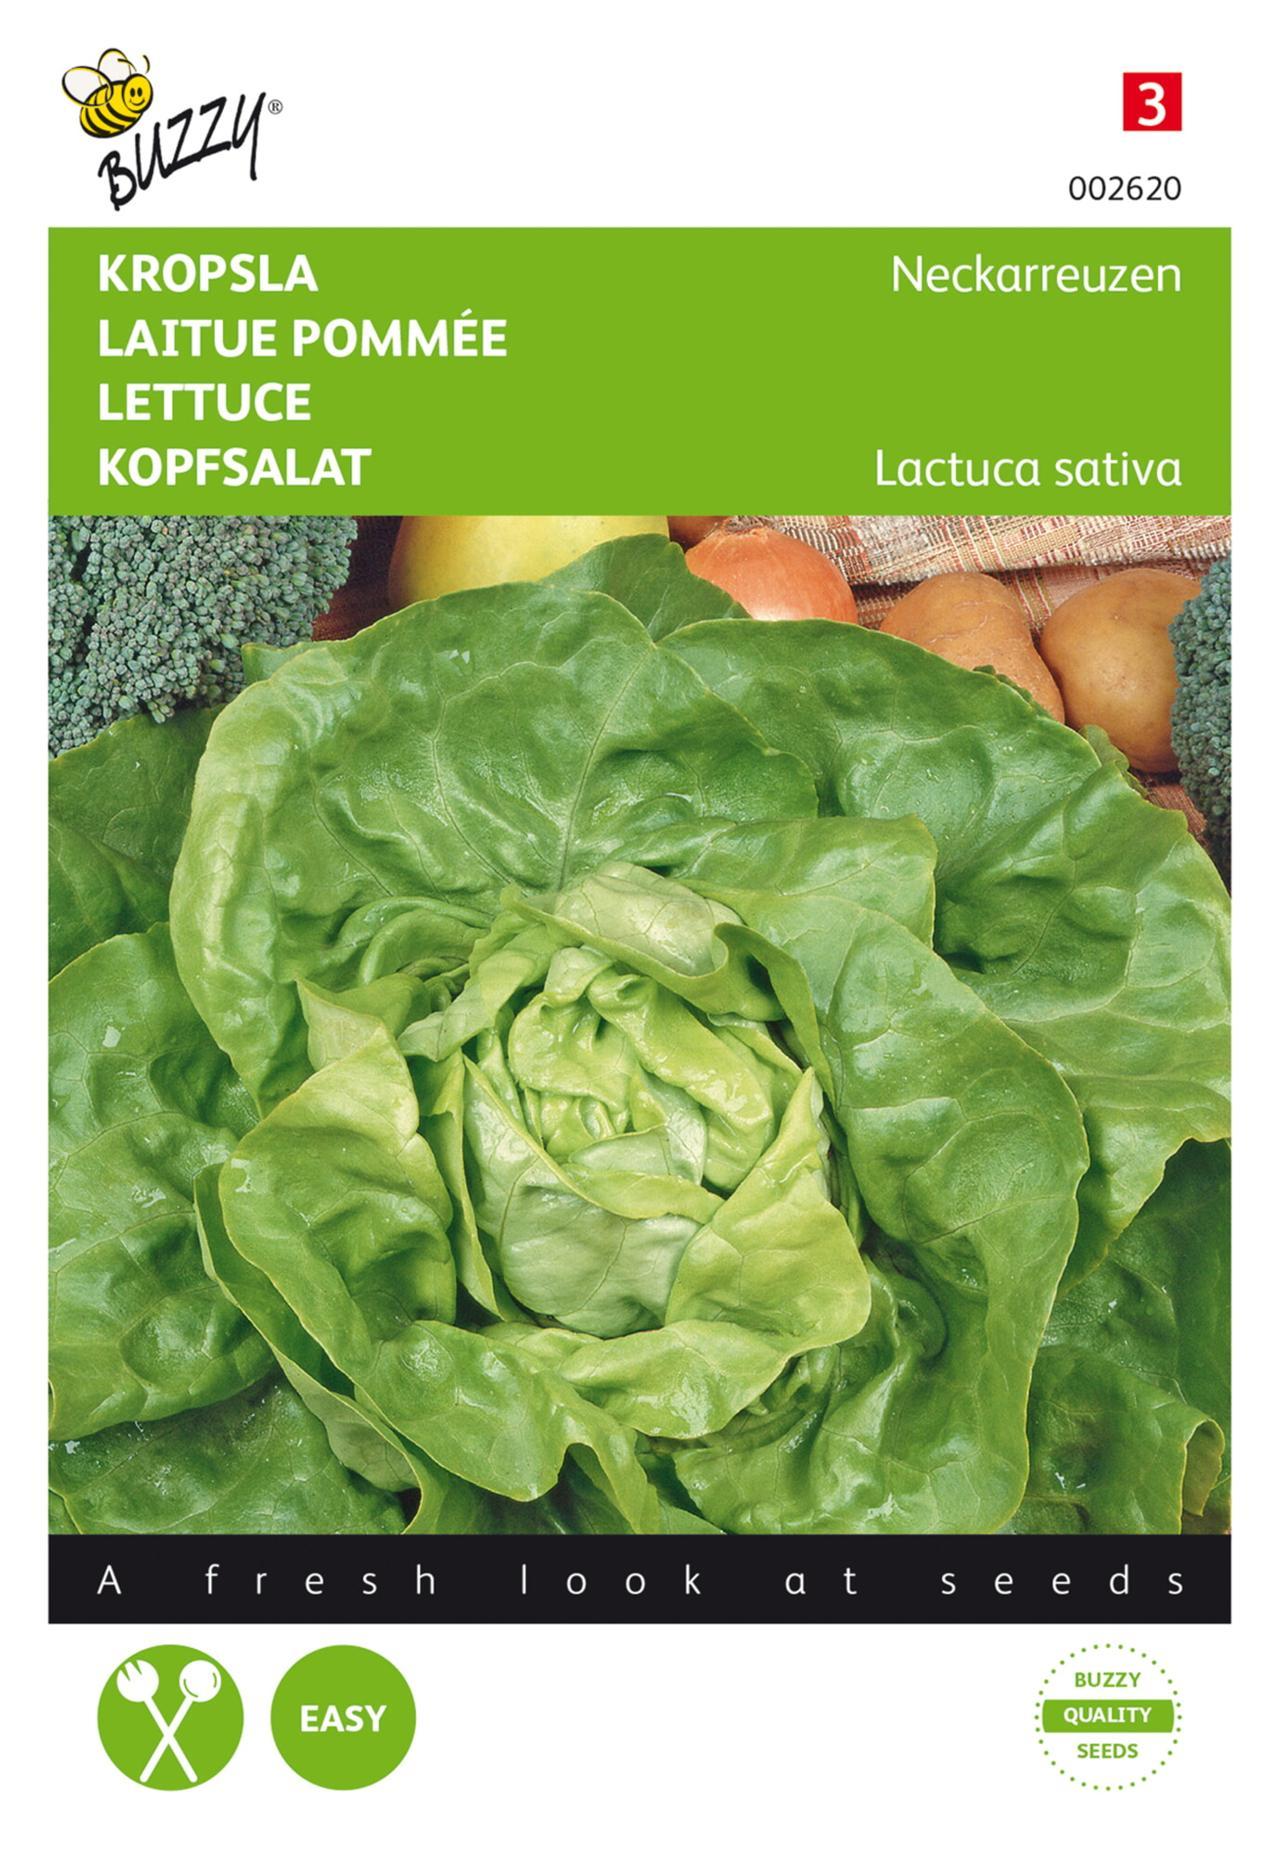 Lactuca sativa 'Neckarreuzen' plant